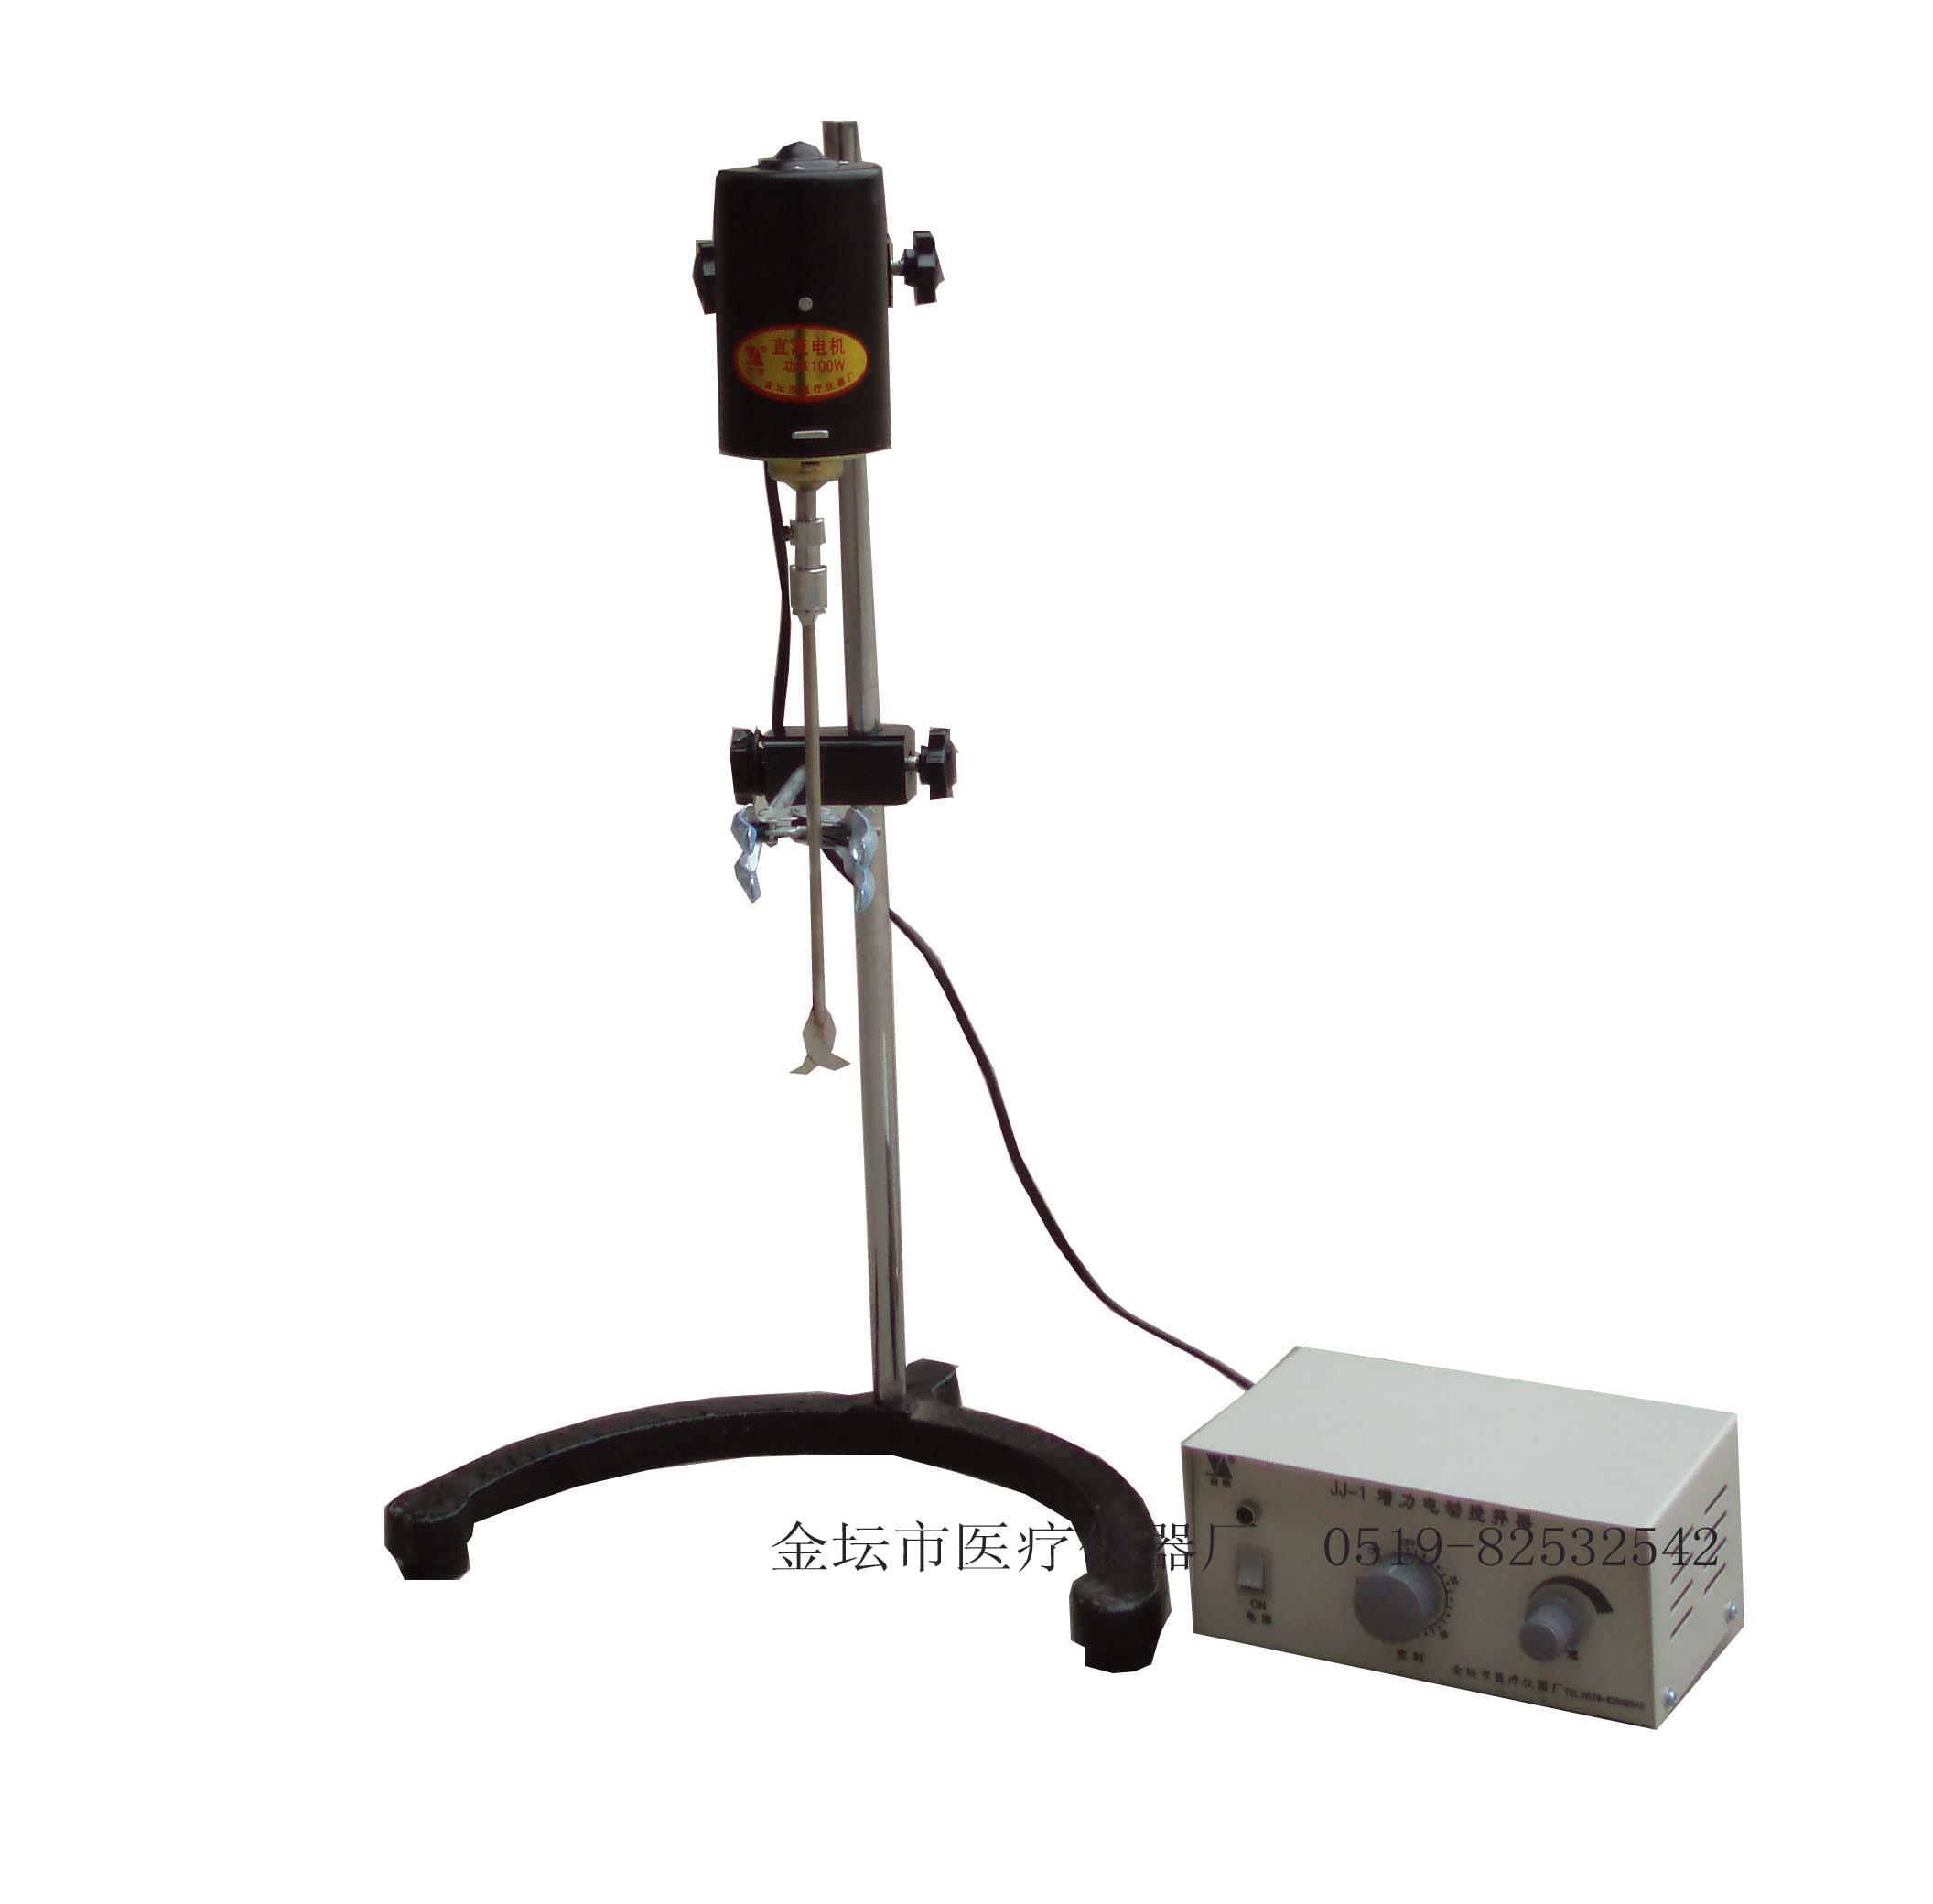 江苏金坛JJ-1 25W增力电动搅拌器